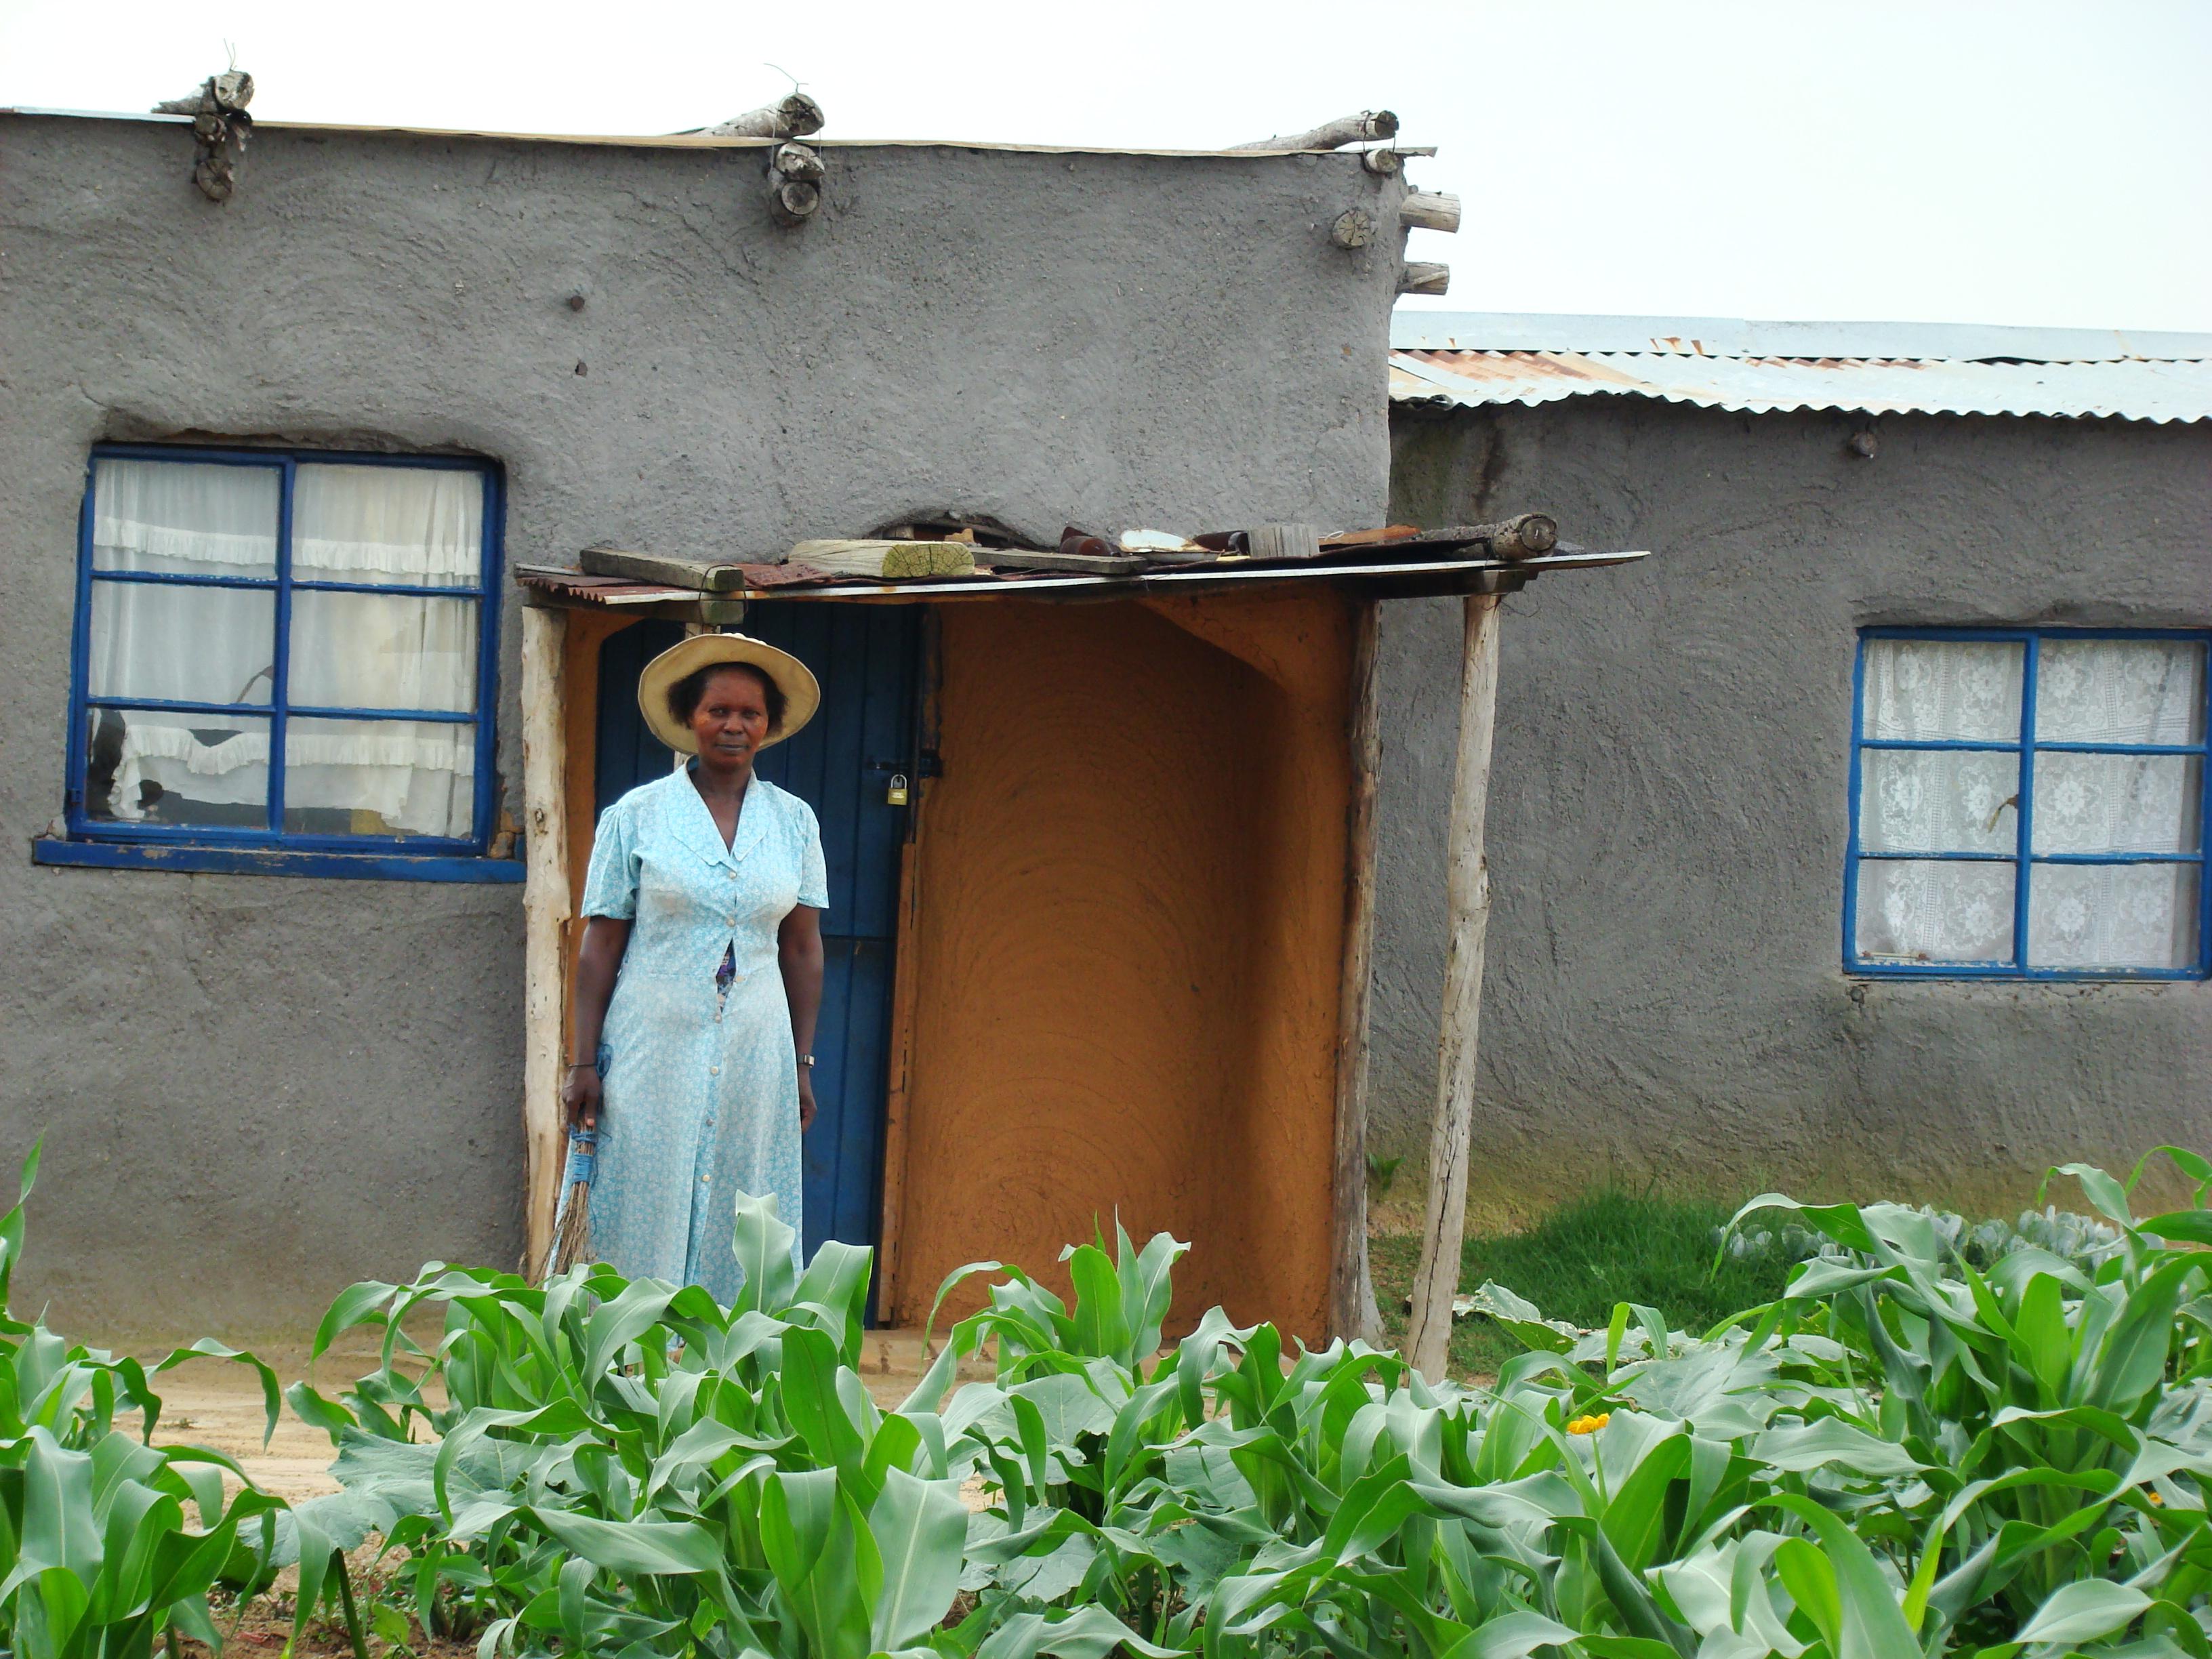 A rural home and garden